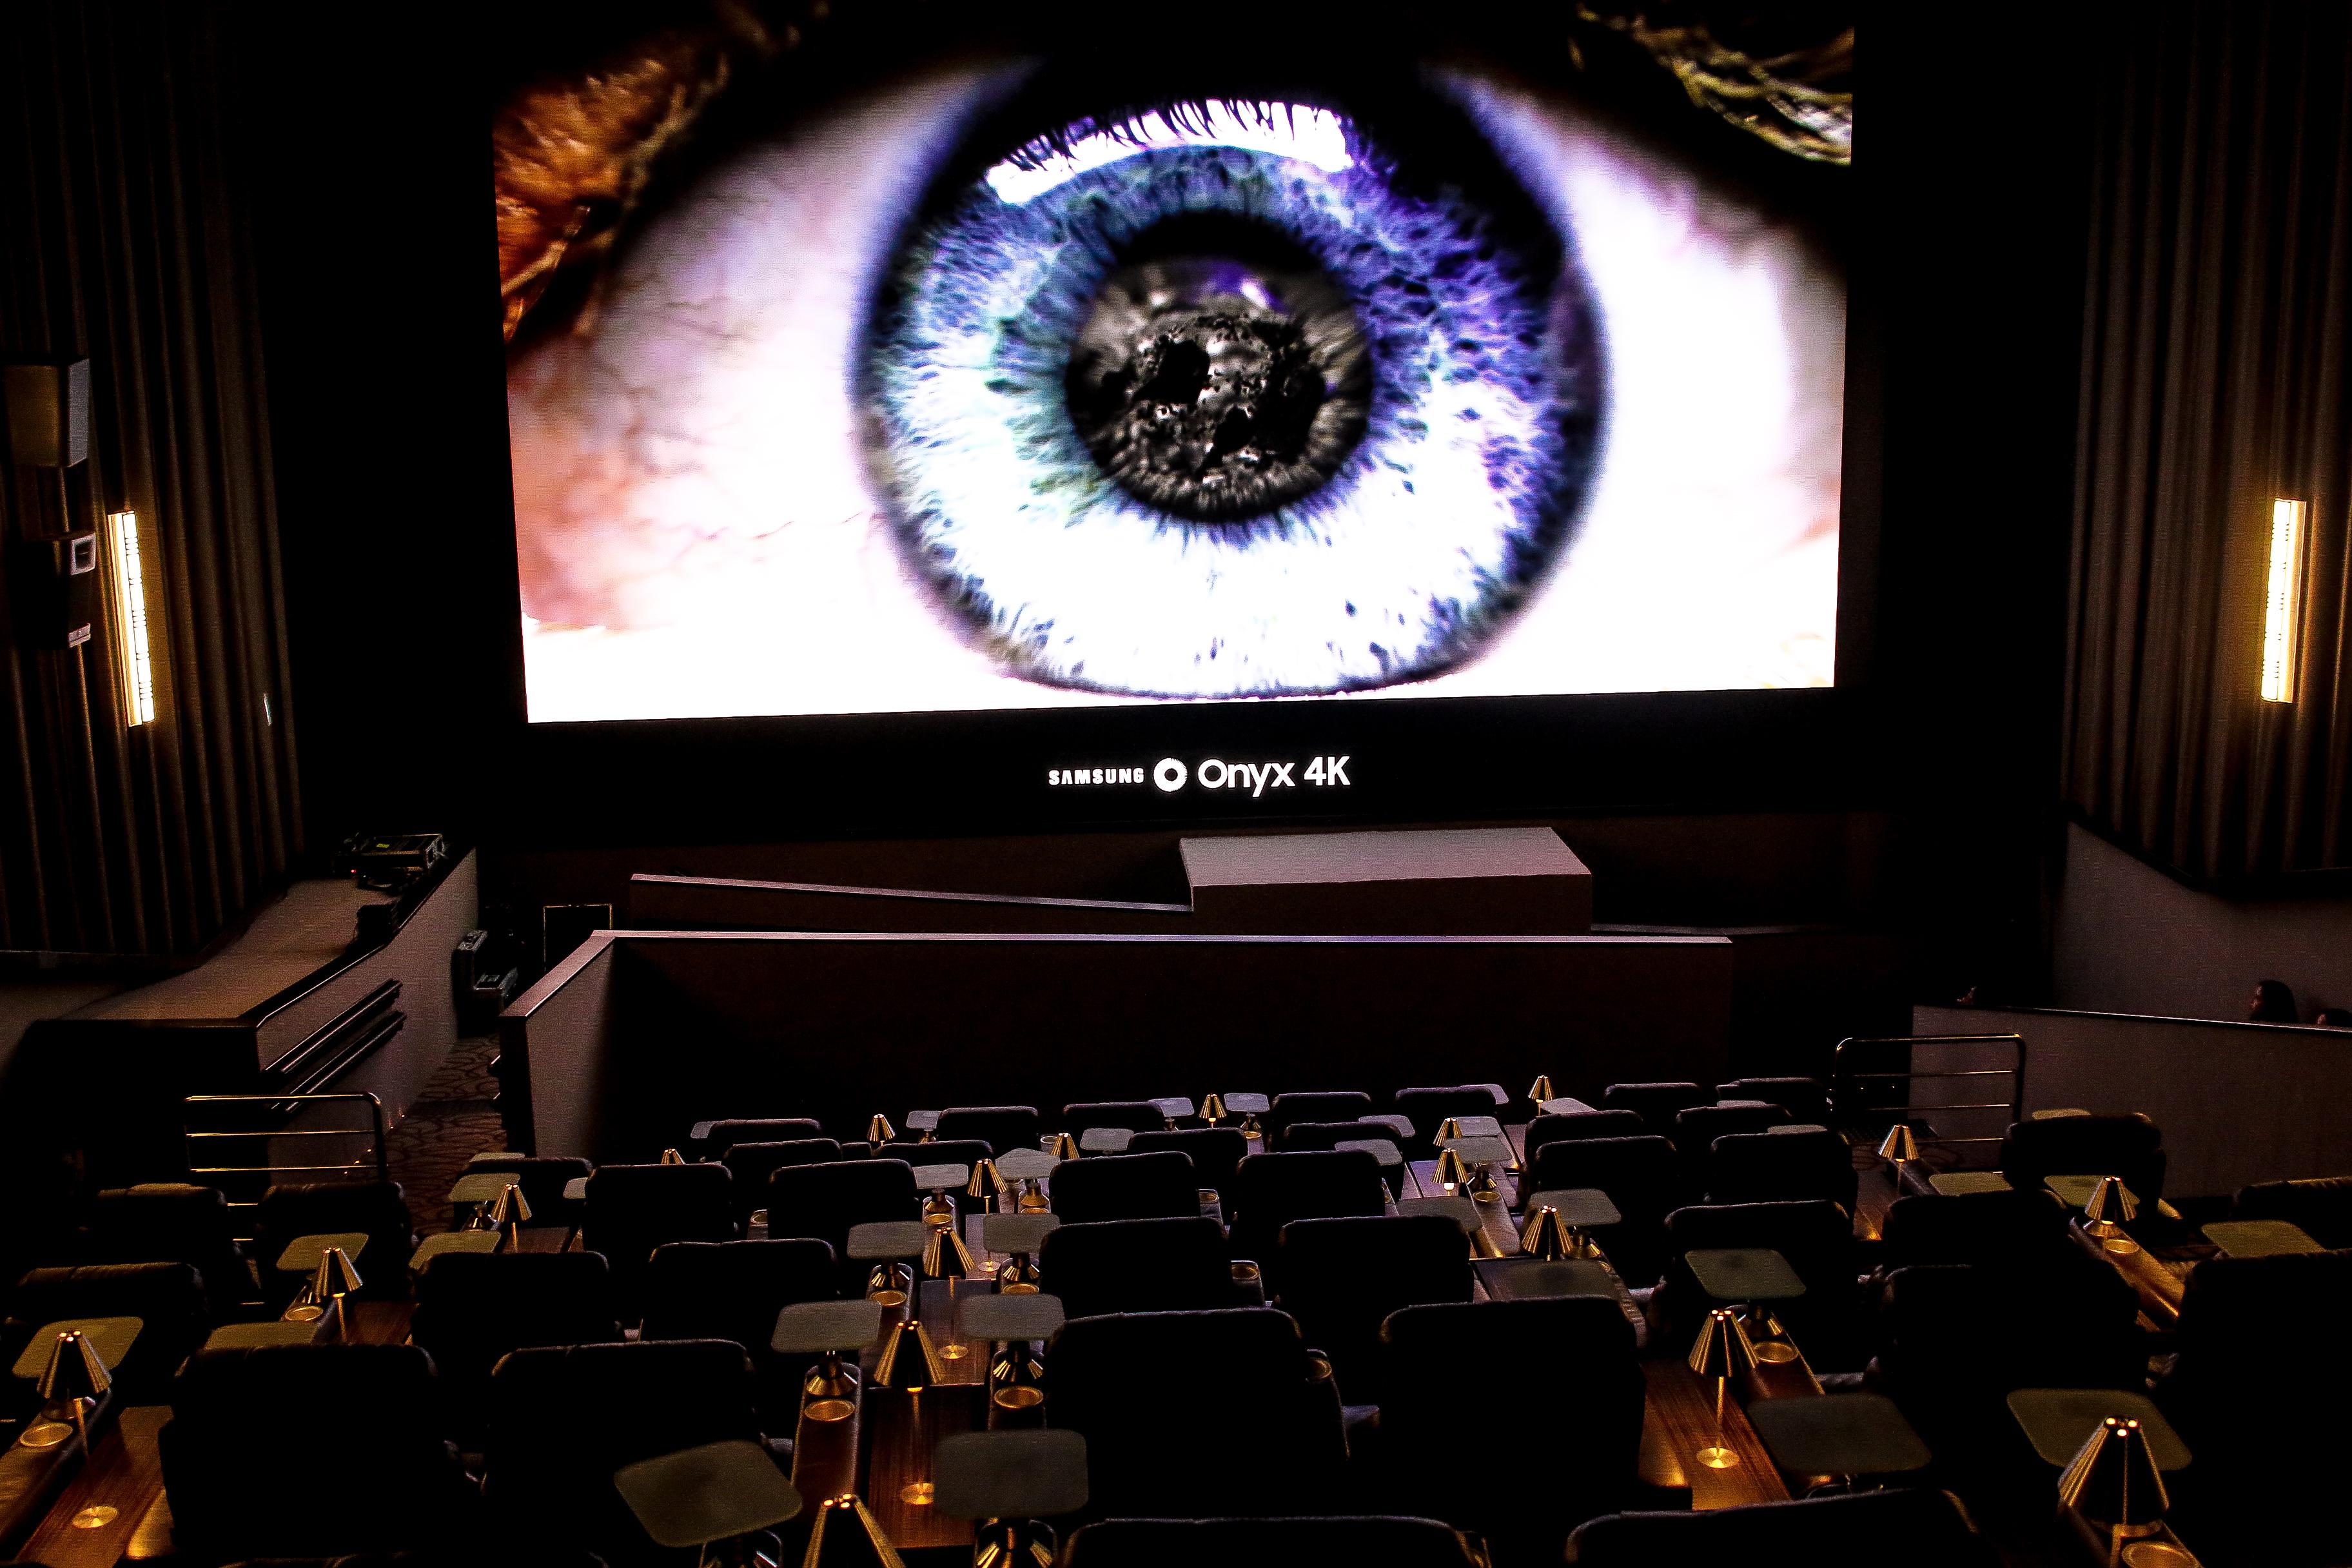 Samsung Onyx 4K